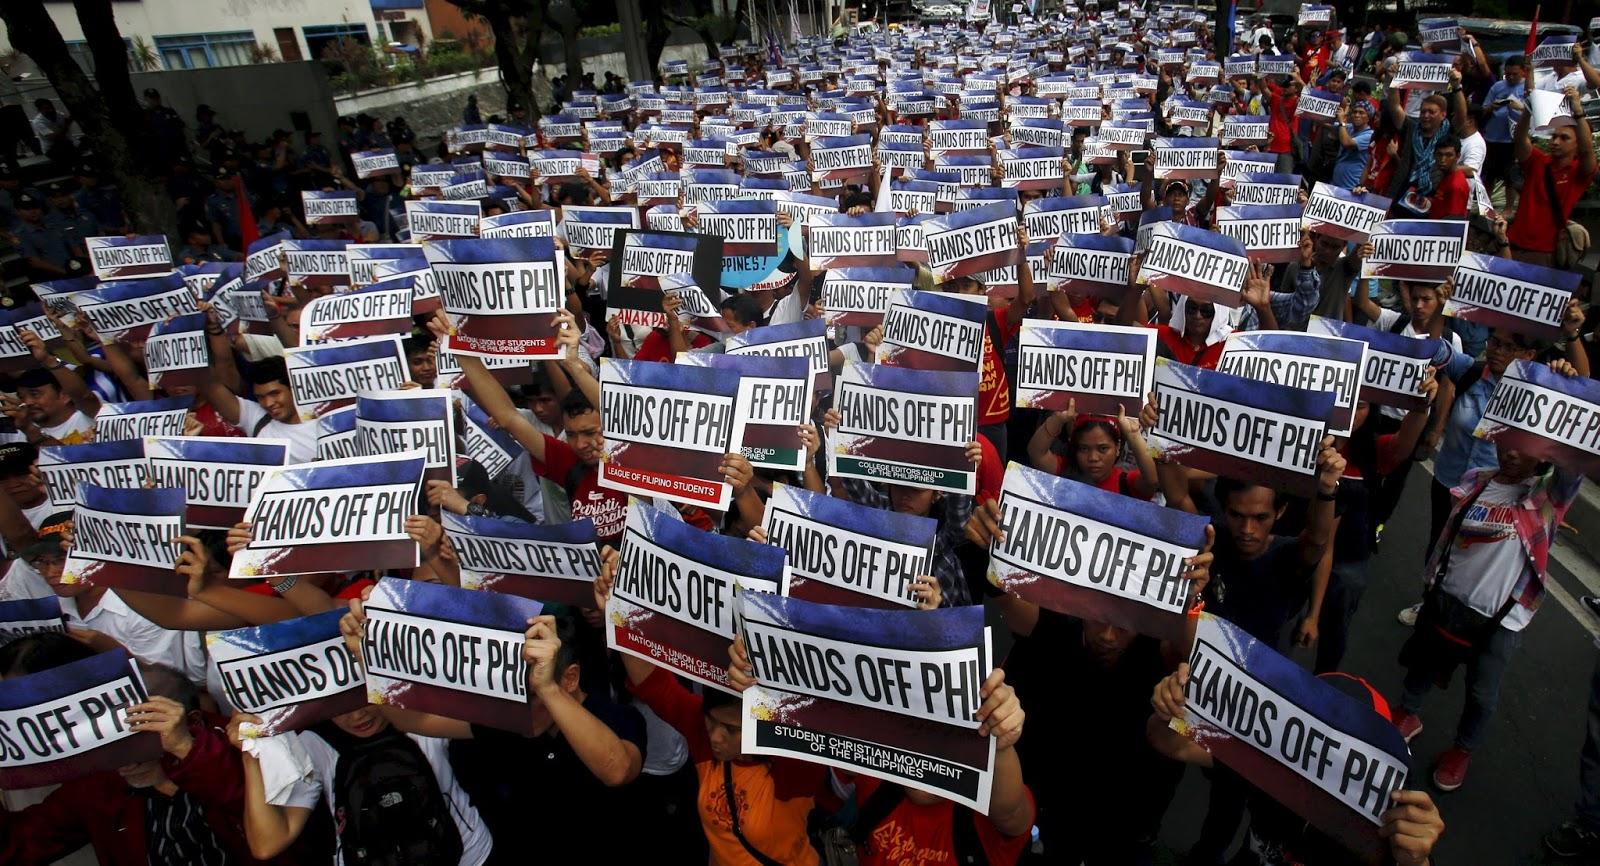 Biểu tình phản đối Bắc Kinh chiếm Biển Đông trước lãnh sự quán Trung Quốc ở Makati, Philippines ngày 12/06/2015.